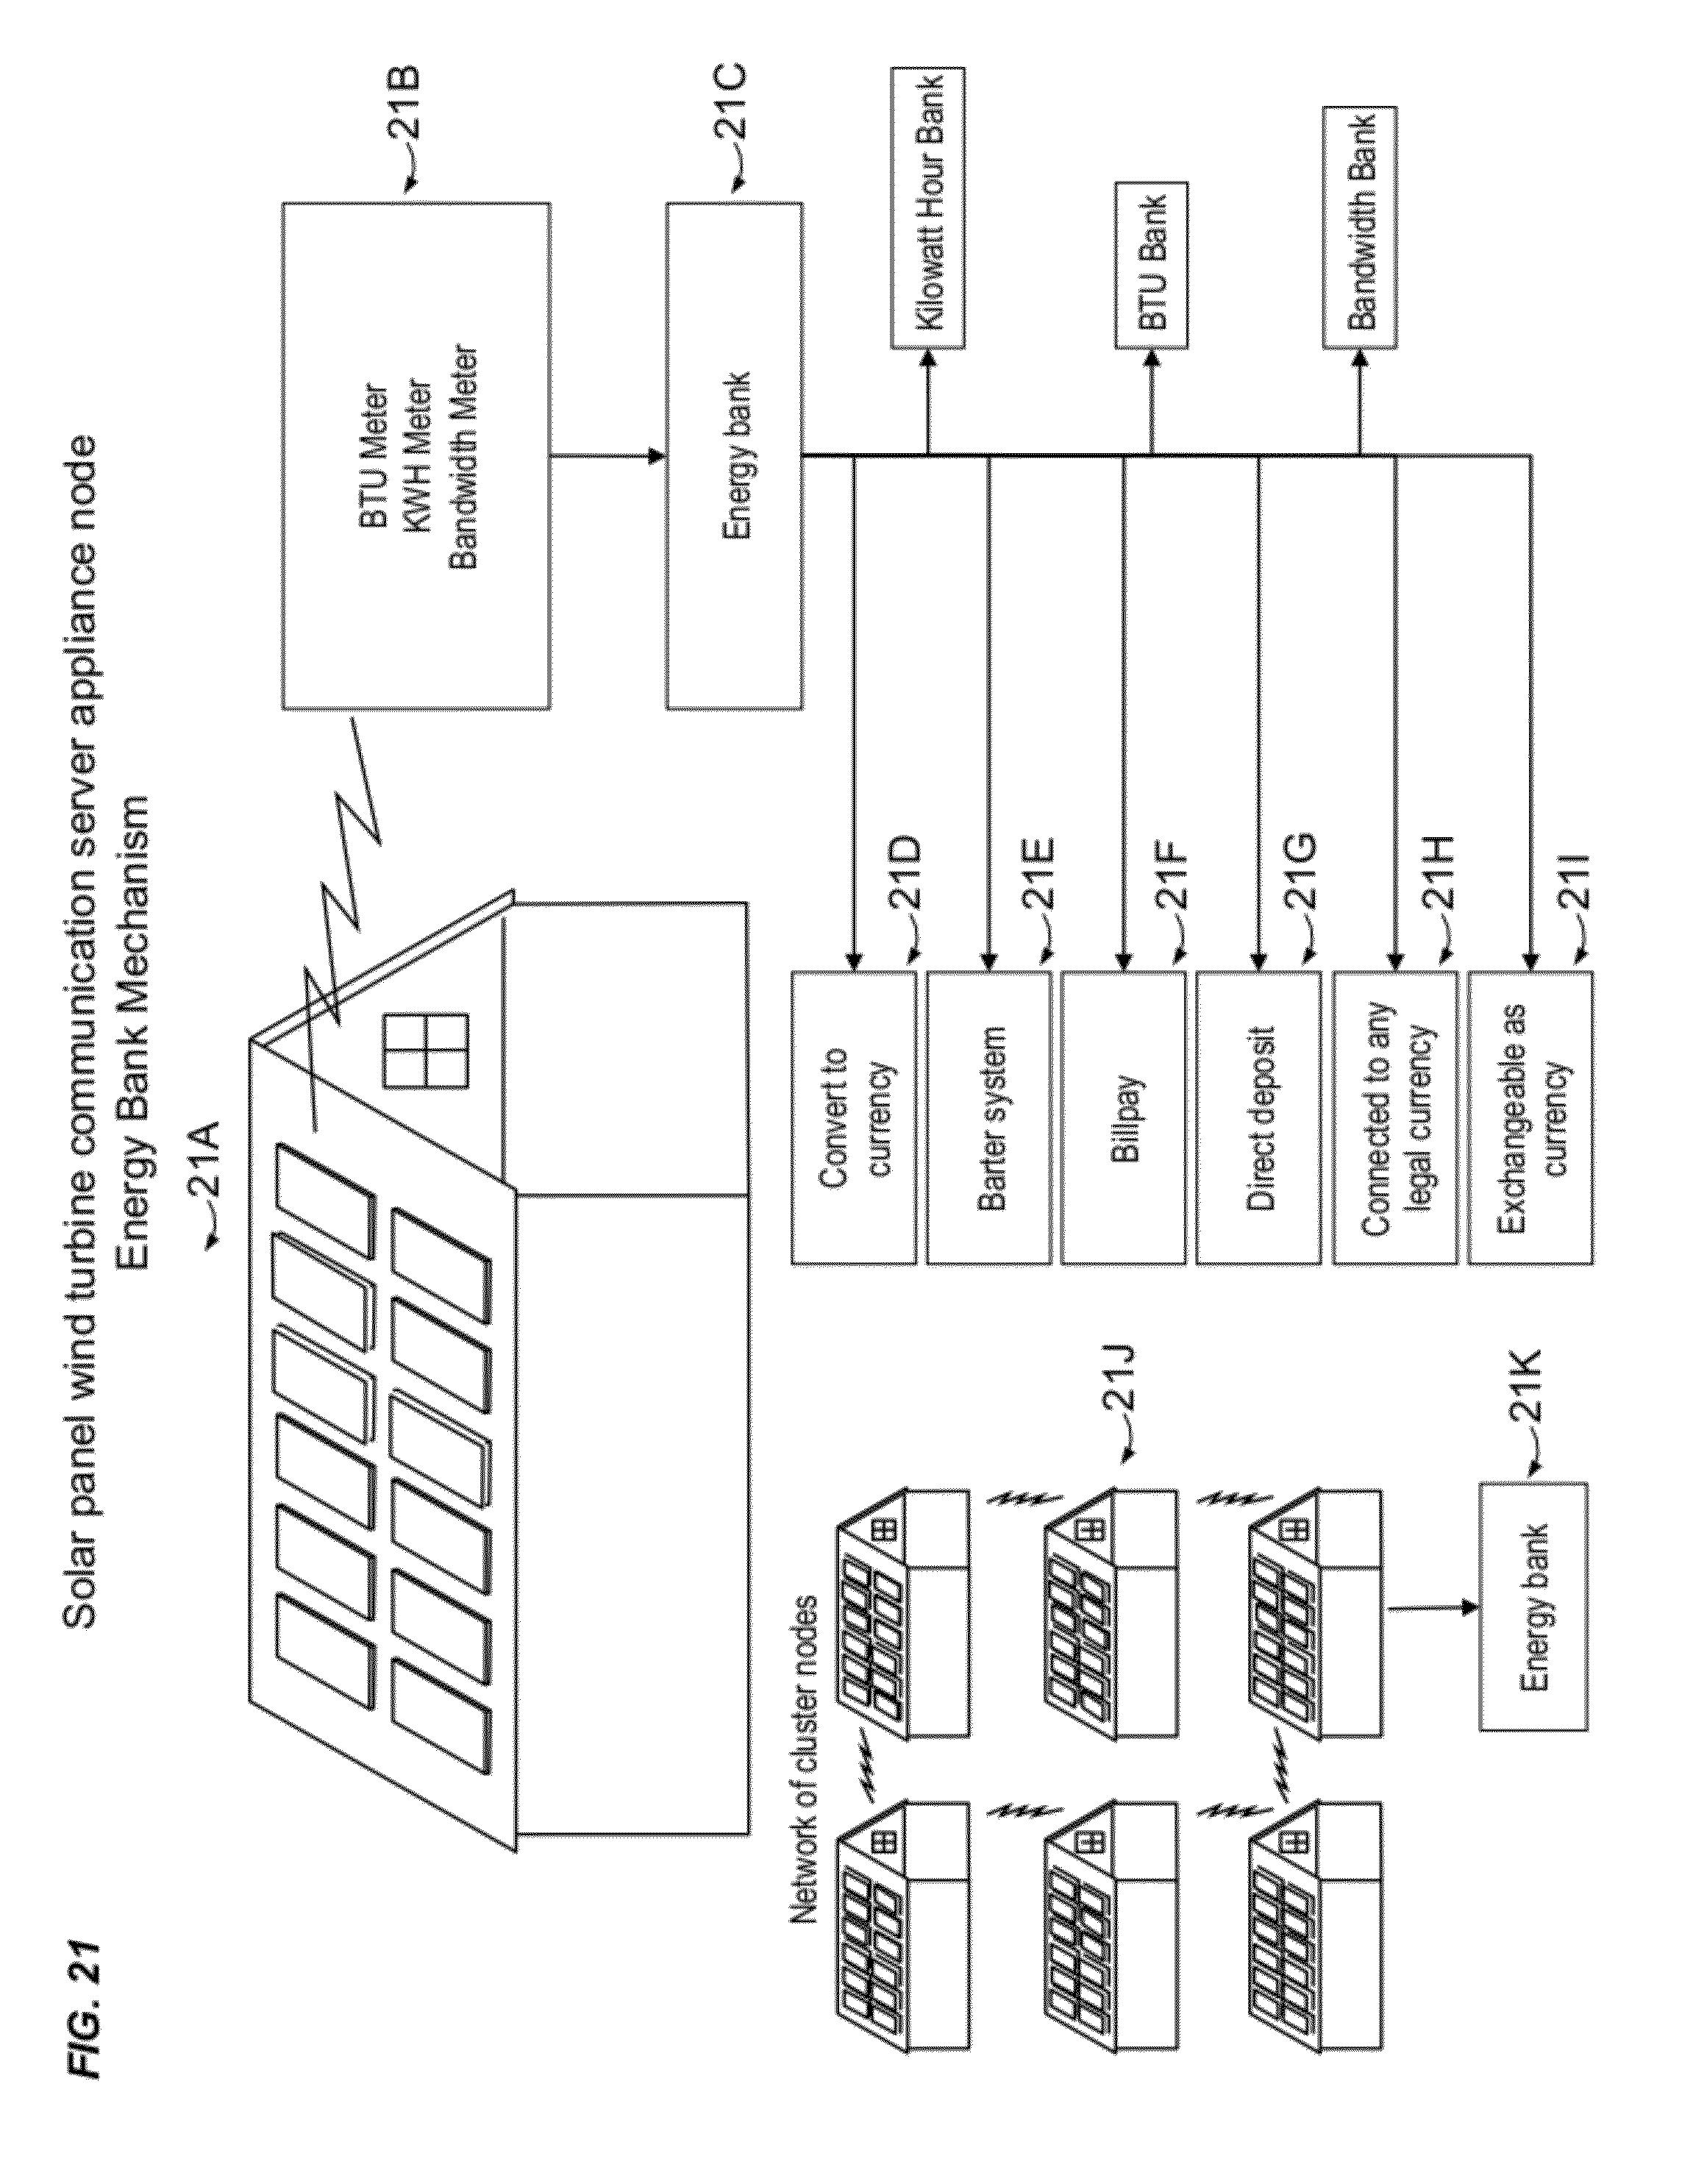 patent us8369997